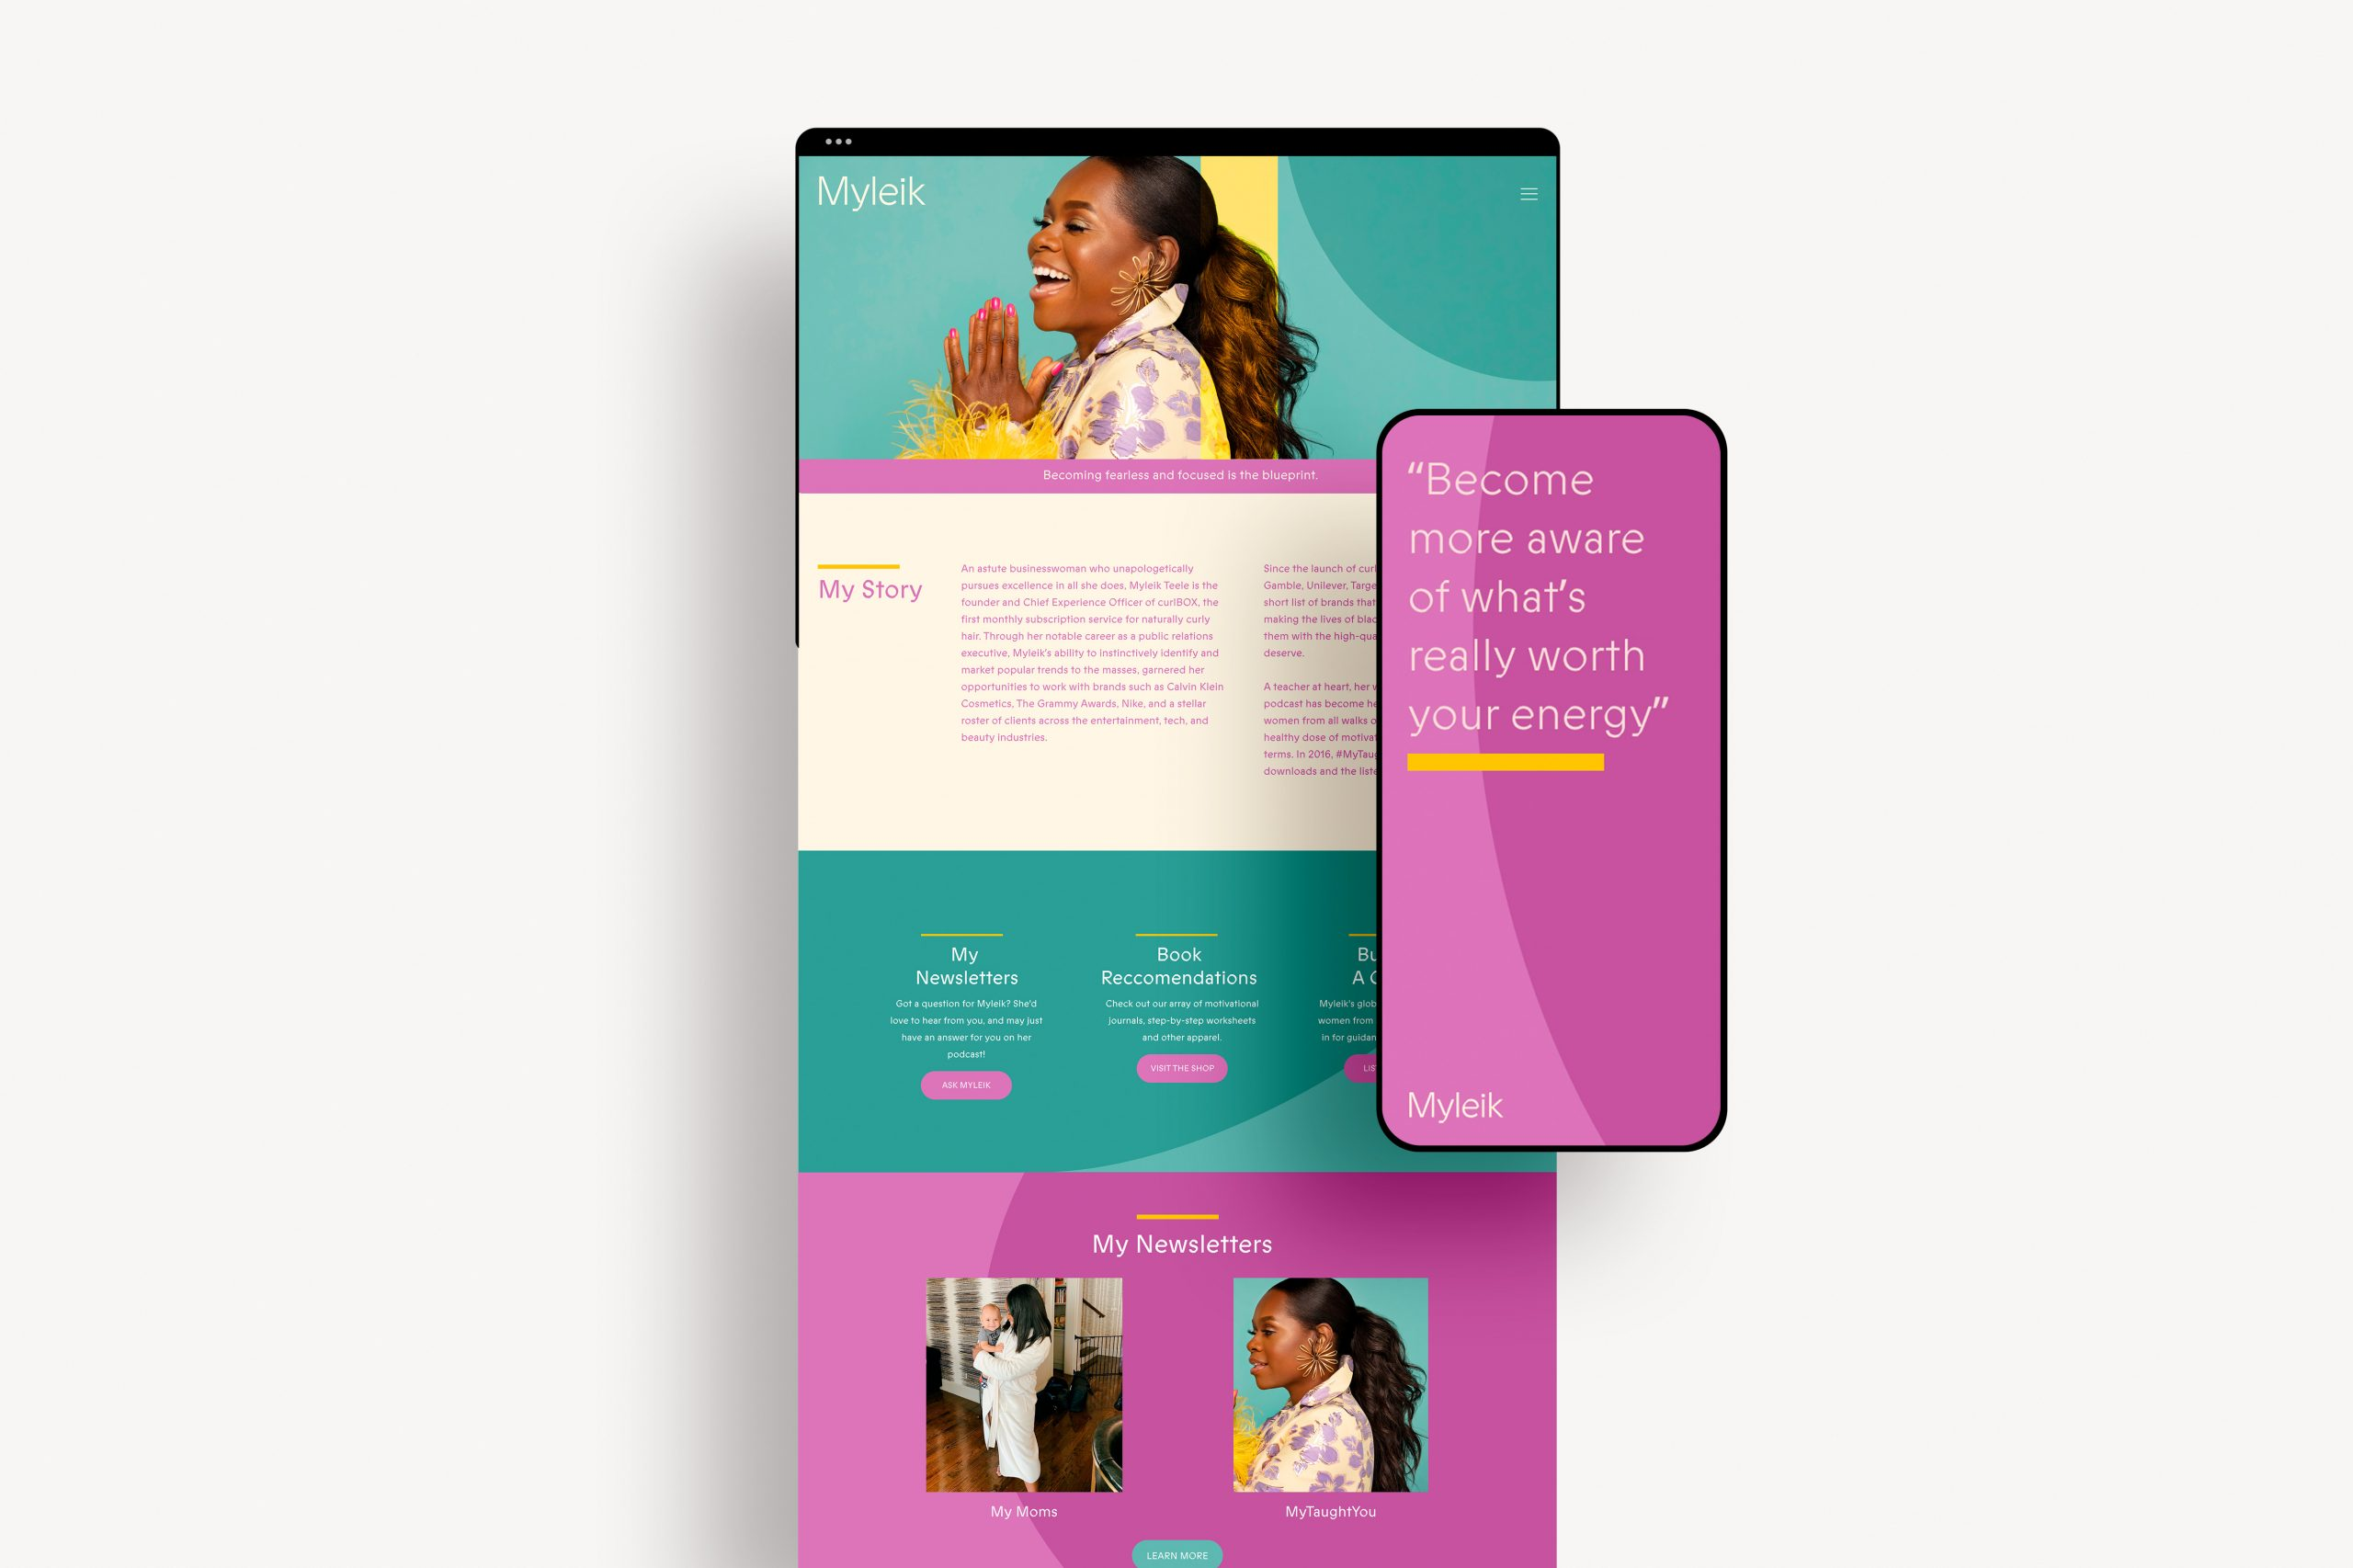 studio_anthony_smyrski_myleik_teele_identity_design_new_03